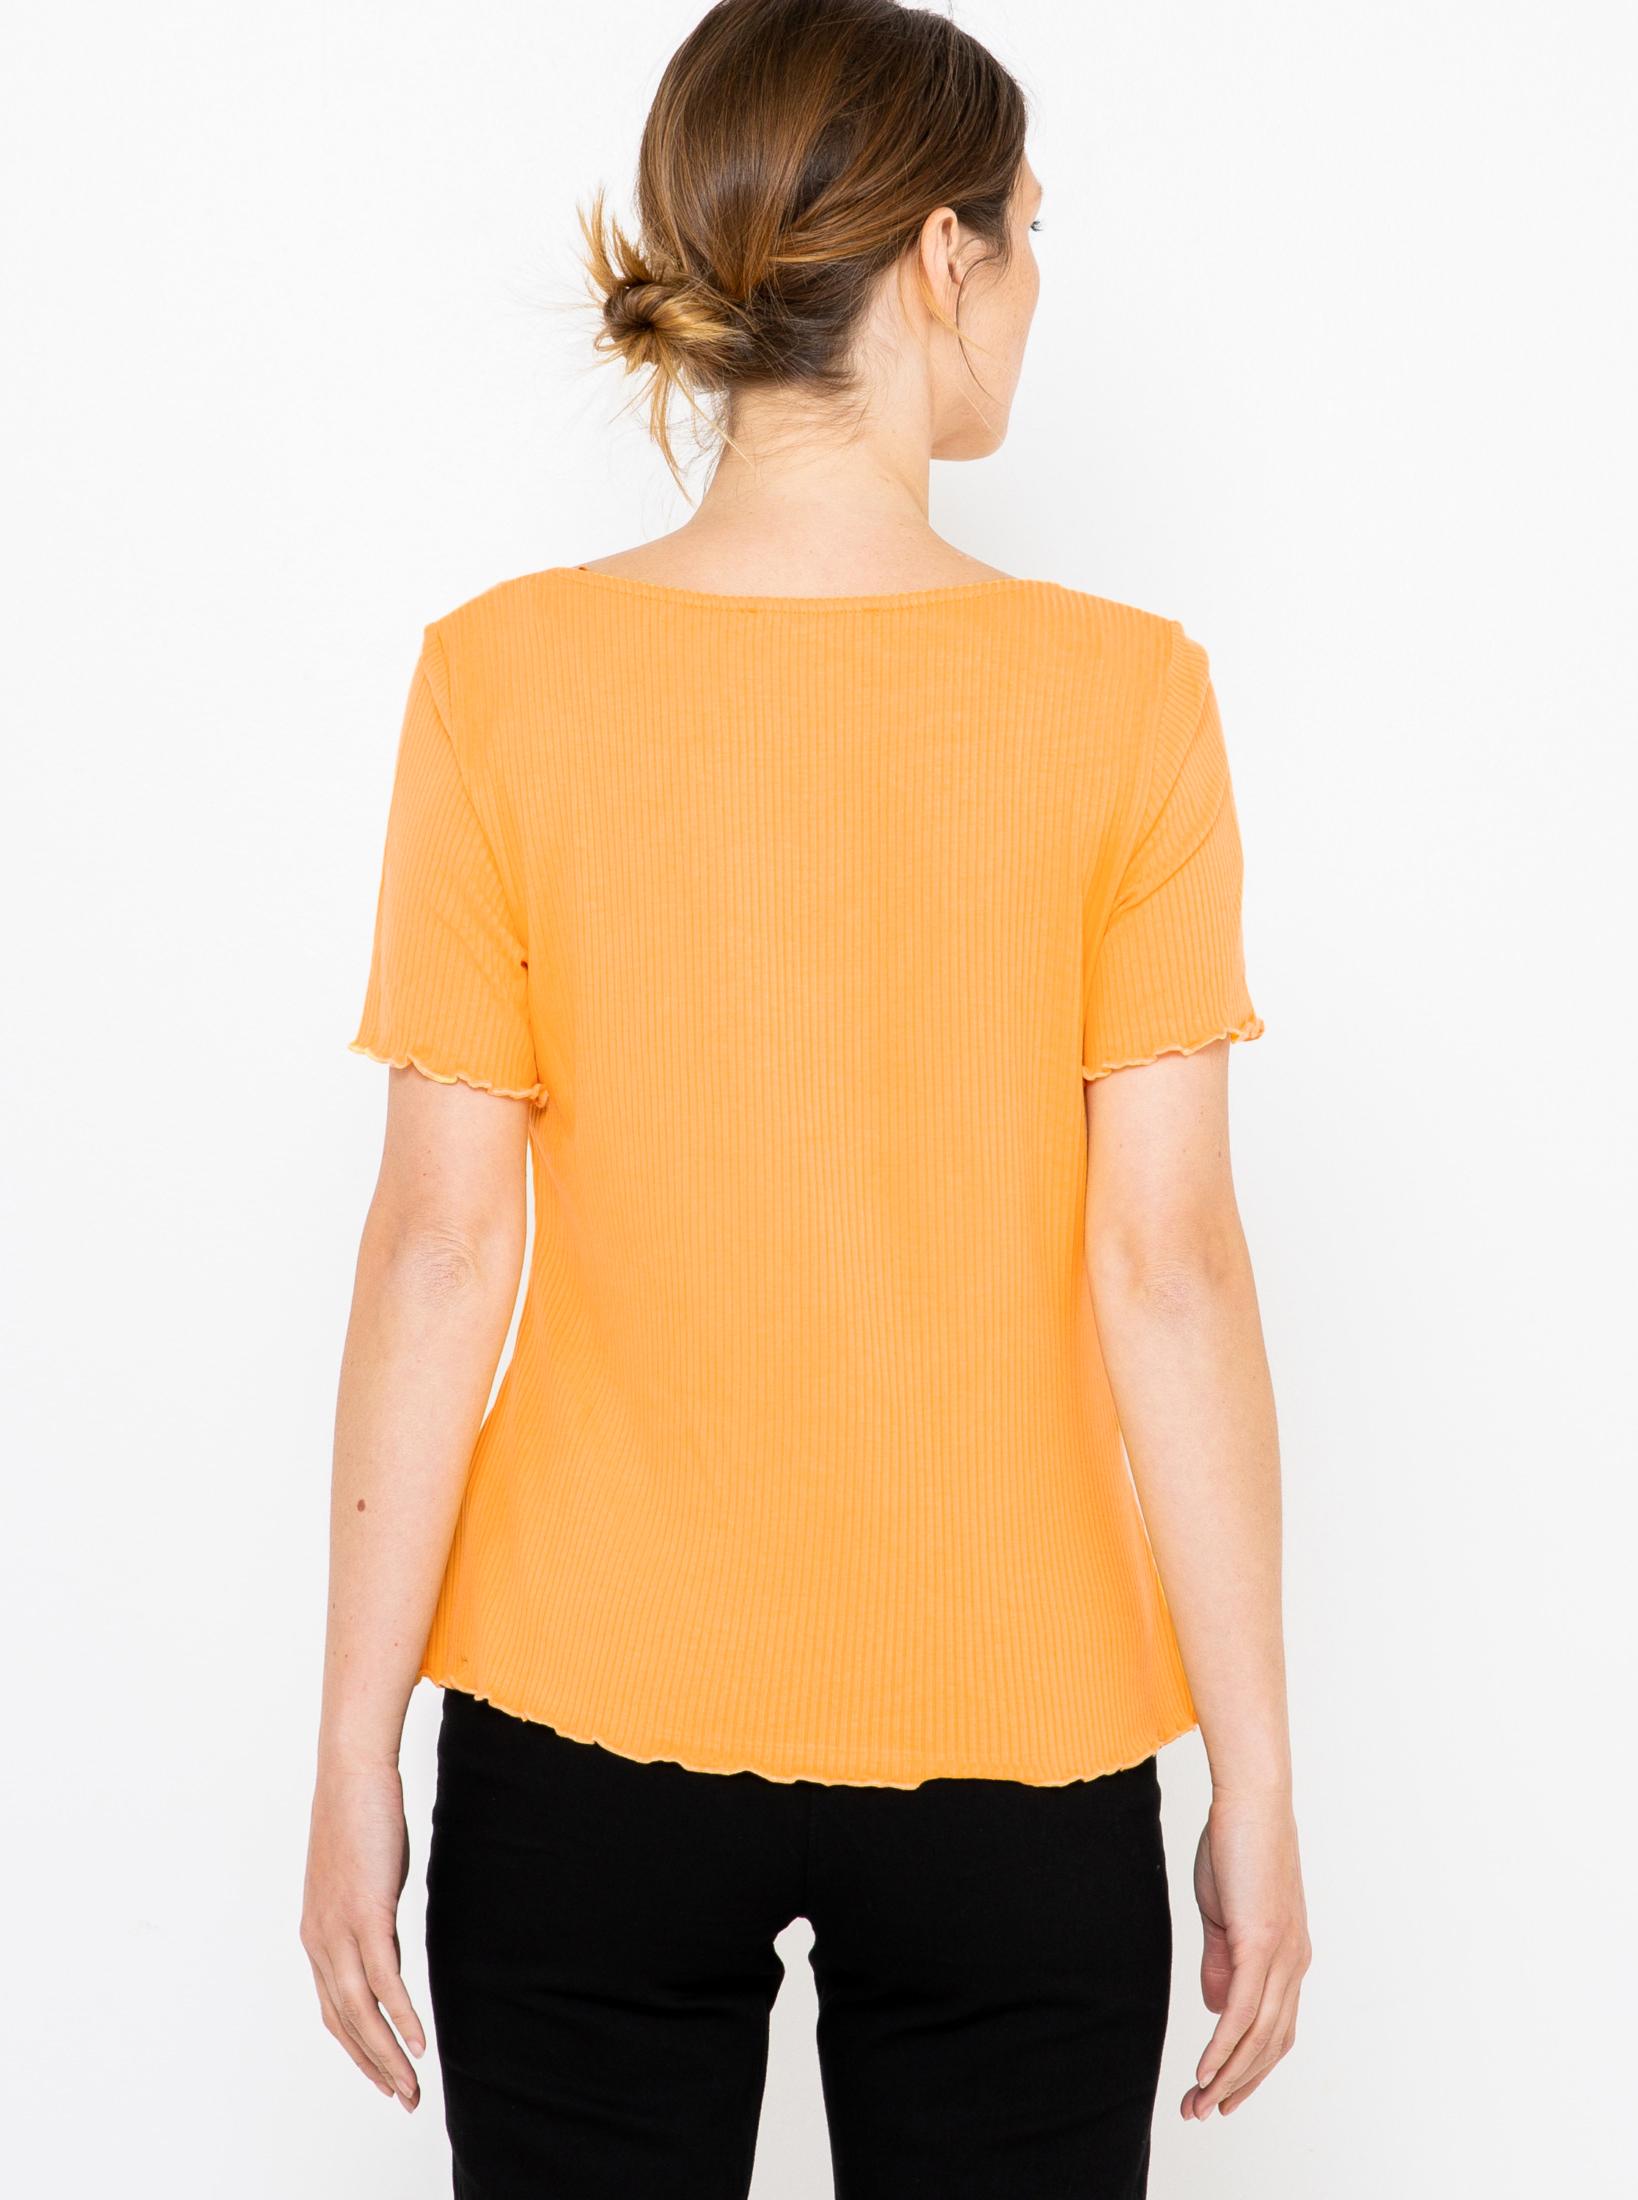 CAMAIEU Women's t-shirt yellow